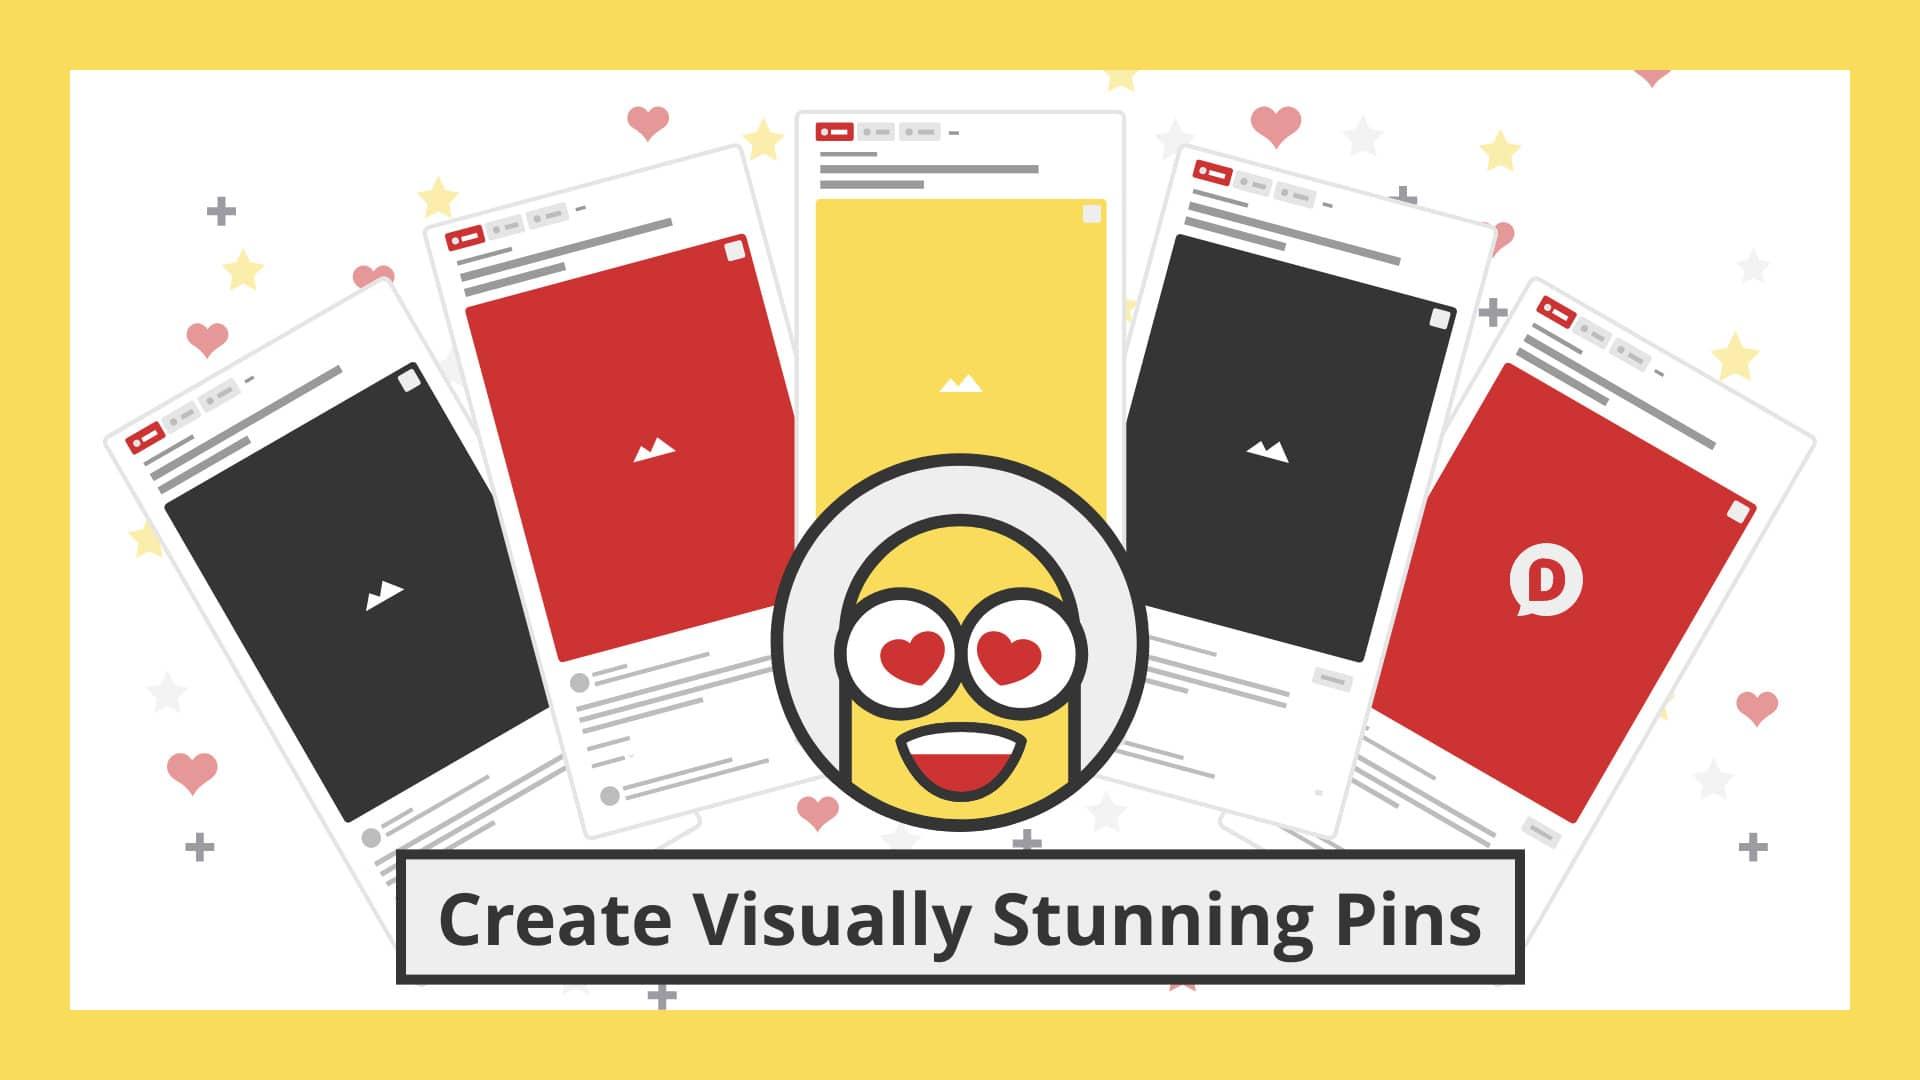 visually stunning pins